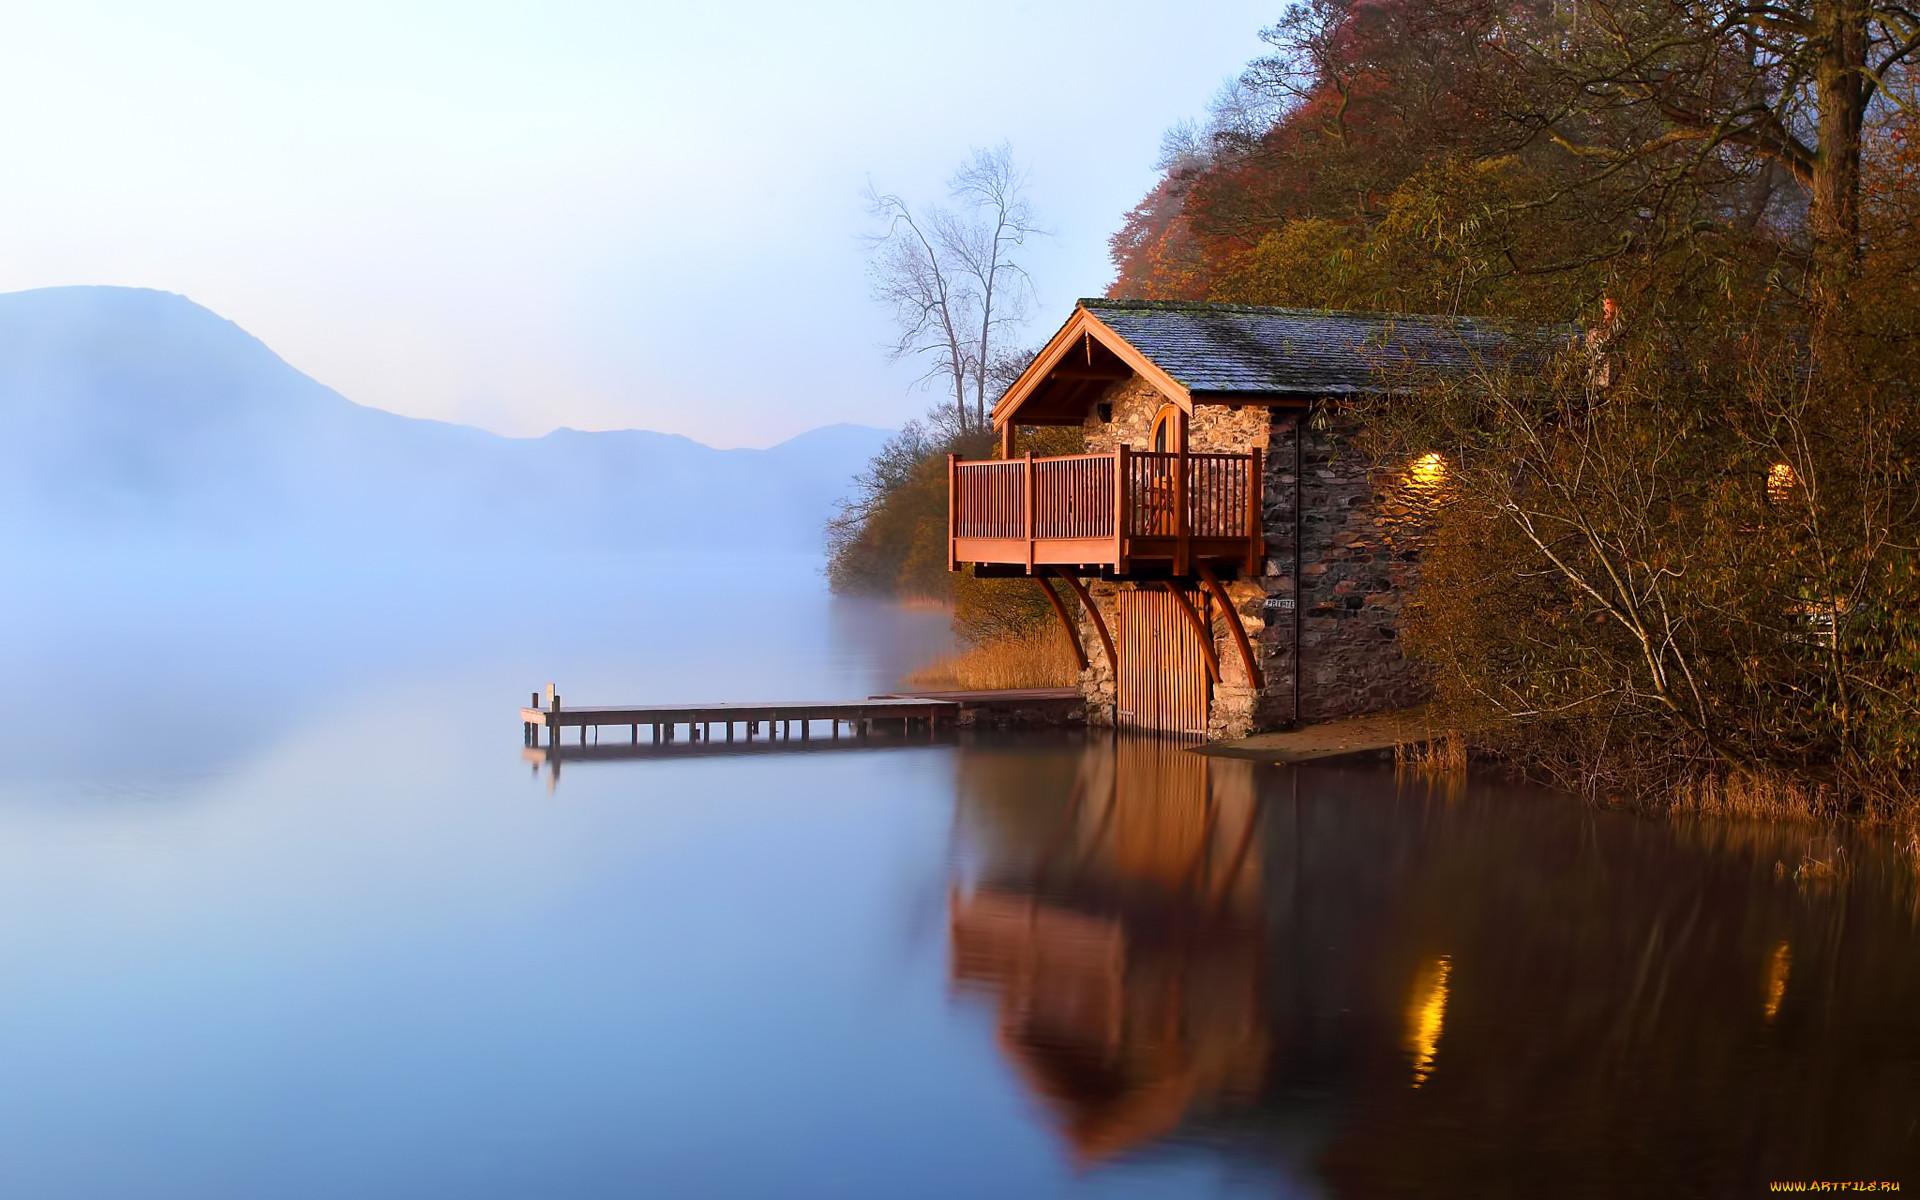 находится фотографии домик у реки кастрюли стали